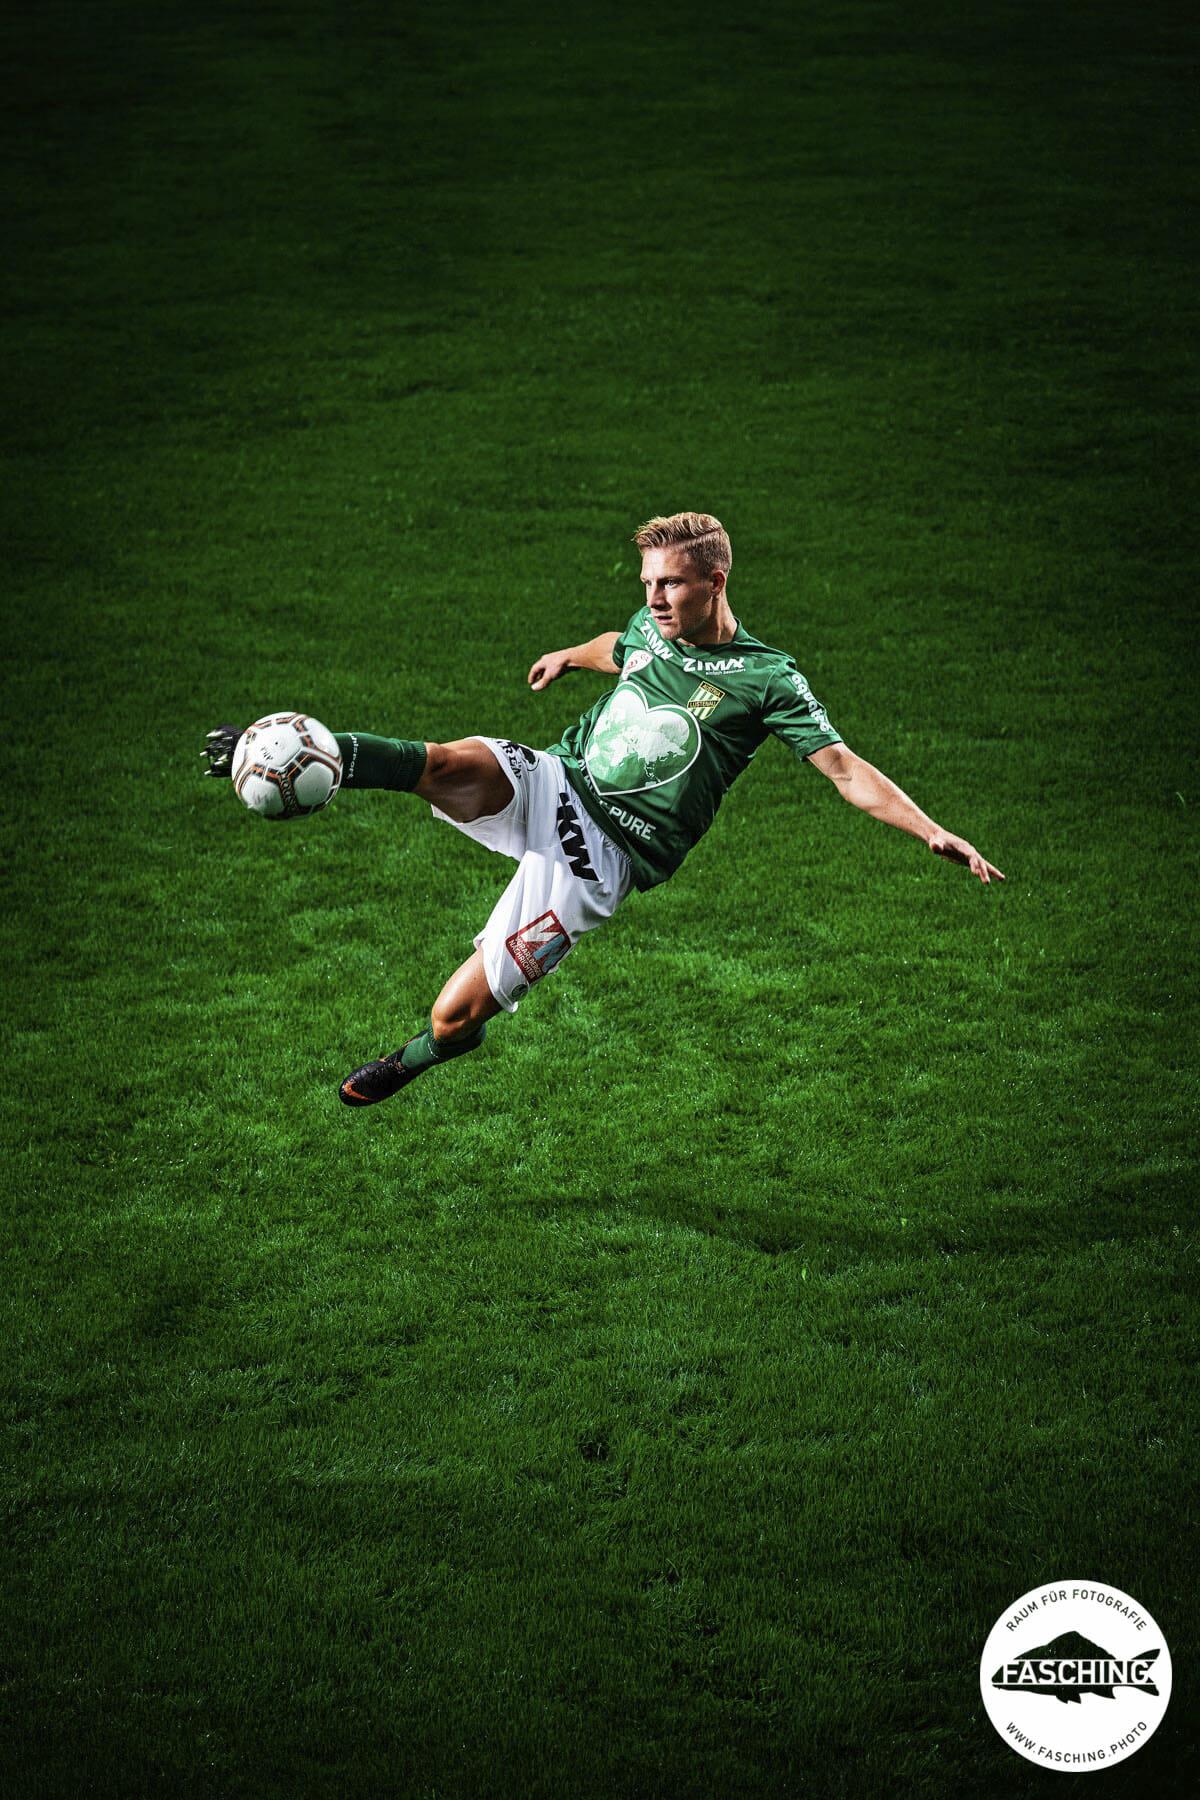 Sportfotos von den Fußballprofis fotografiert von Luca Fasching